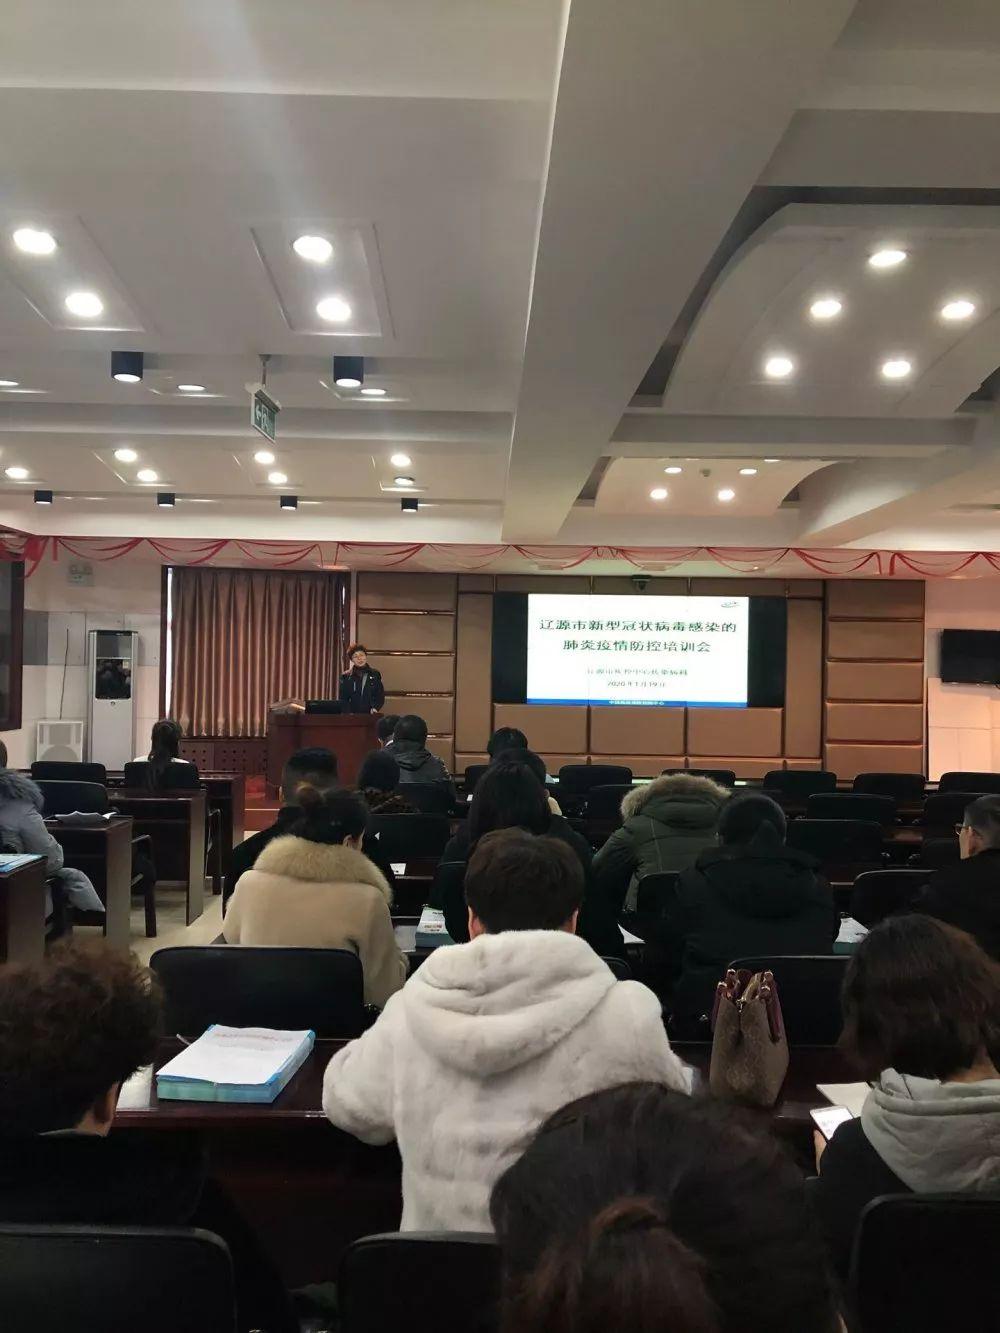 辽源市疾控中心召开新型冠状病毒感染的肺炎疫情防控培训会议